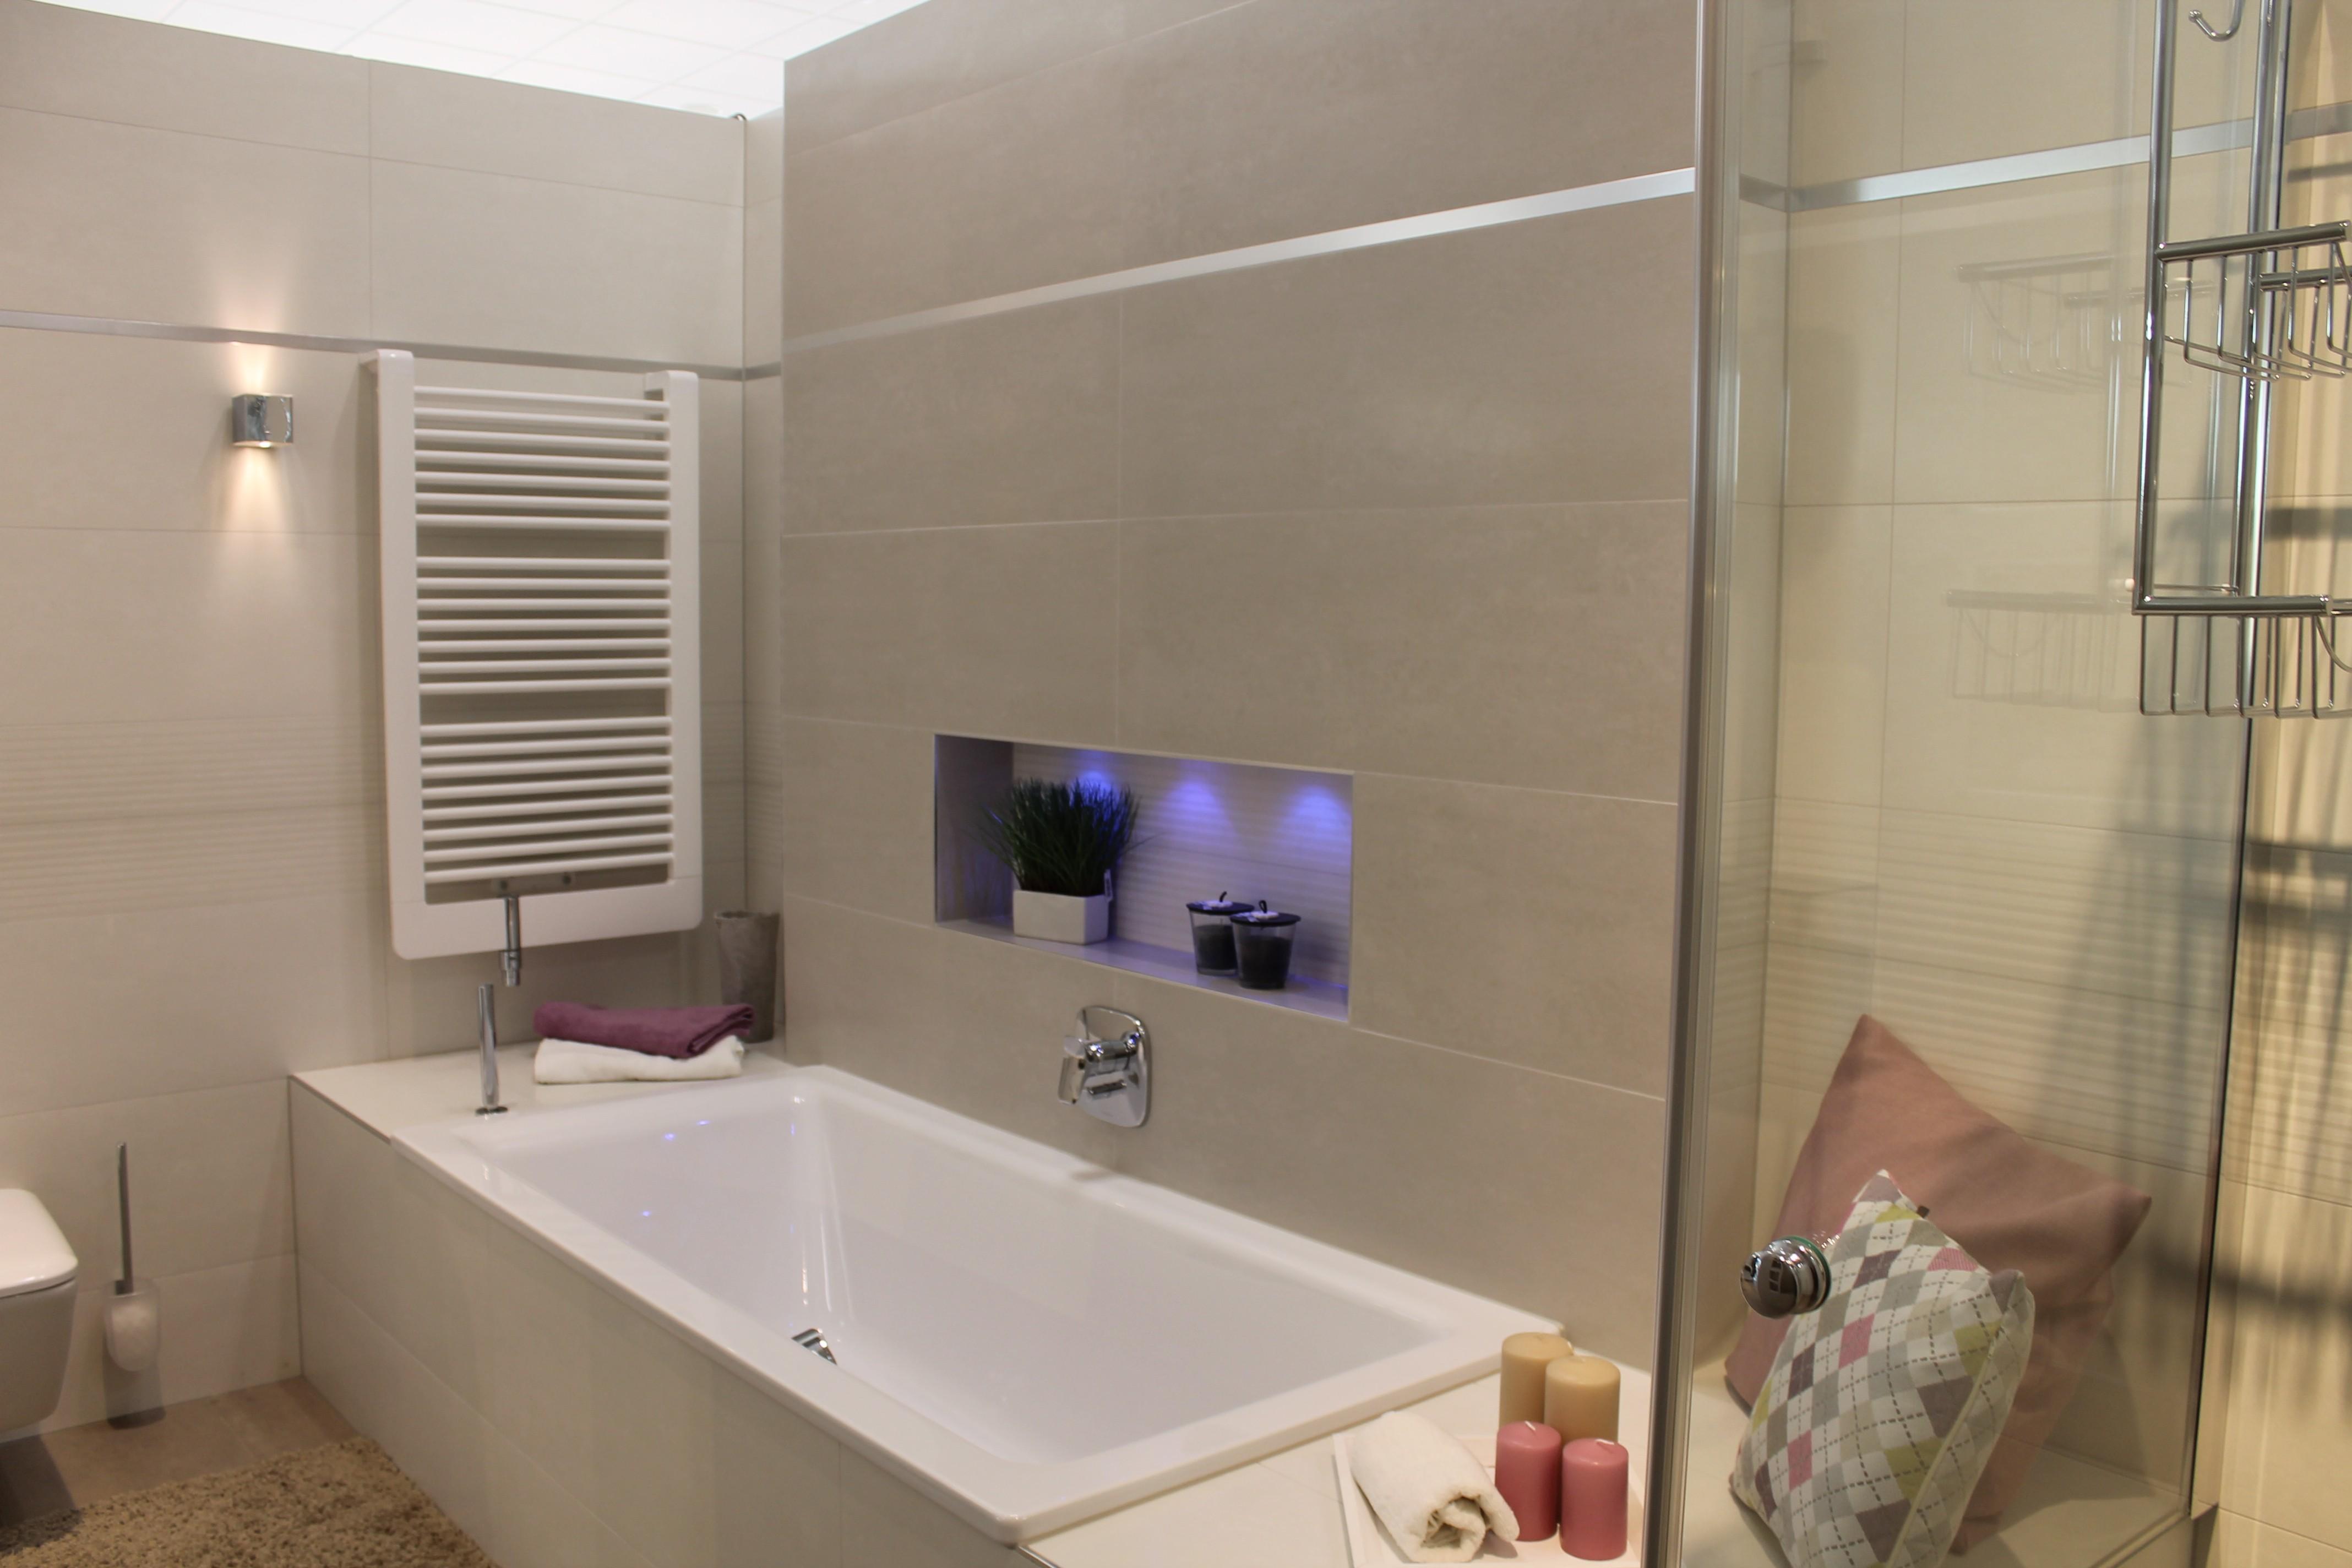 bauen und wohnen in frankfurt am main raab karcher und. Black Bedroom Furniture Sets. Home Design Ideas